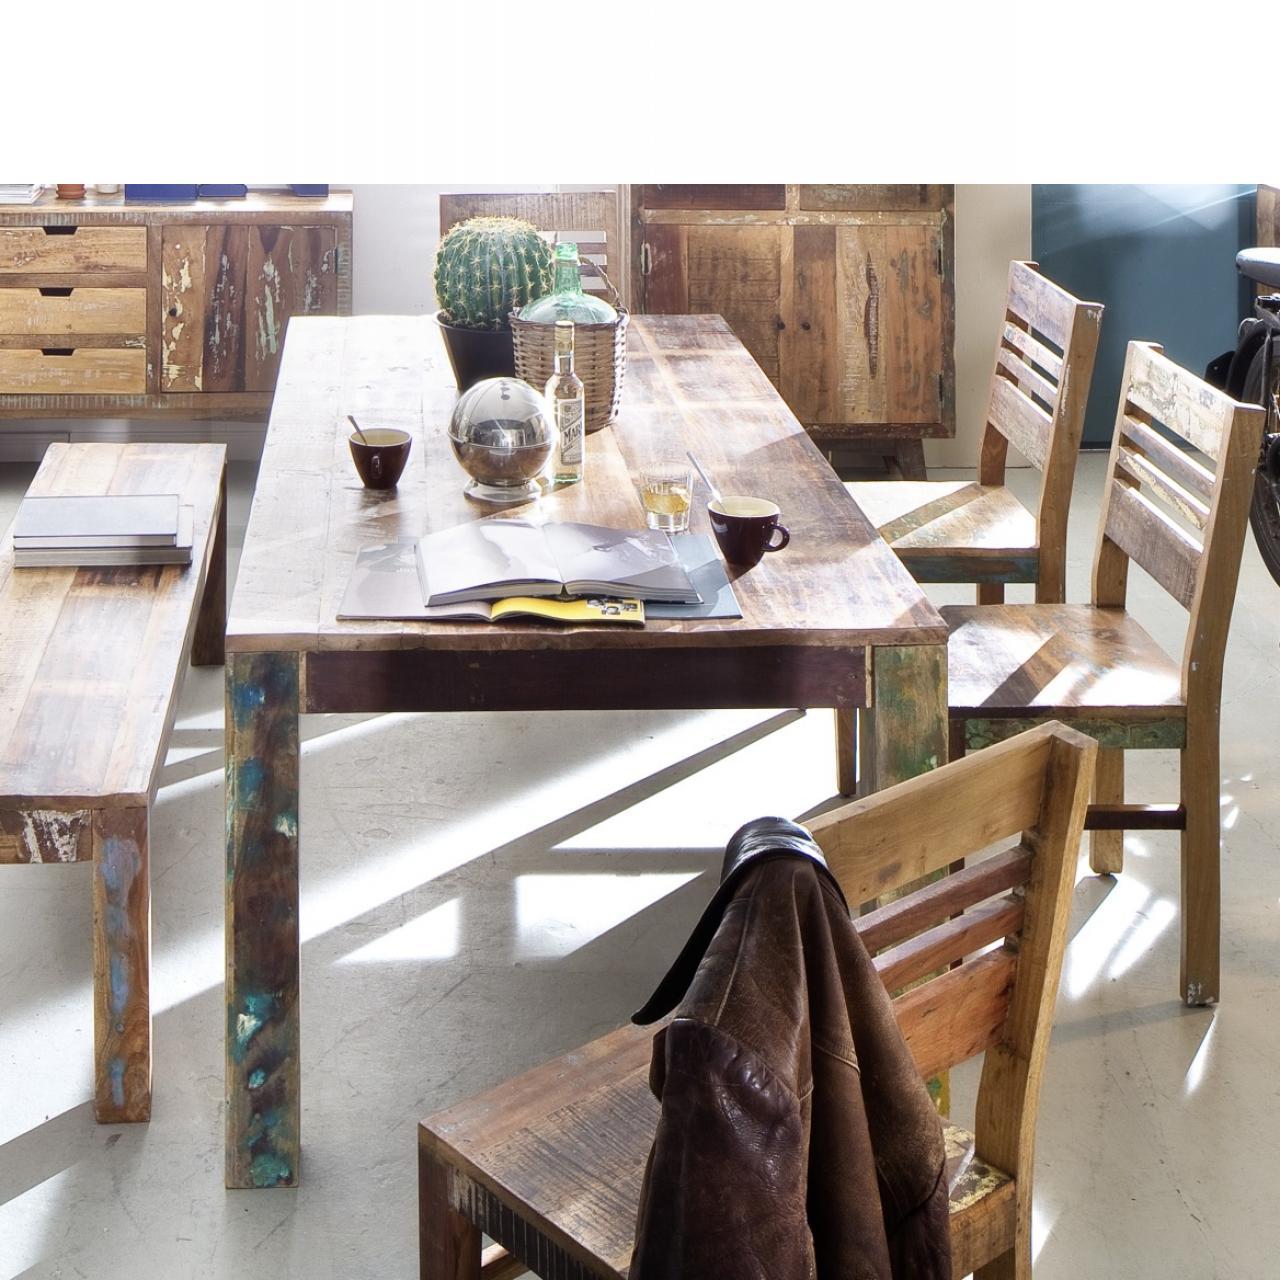 Full Size of Holz Esstisch Malm Recyceltes Esstische Esszimmer Wohnen Weiß Oval Runder Massivholz Regal Massivholzküche Garten Loungemöbel Schlafzimmer Ausziehbar Esstische Holz Esstisch